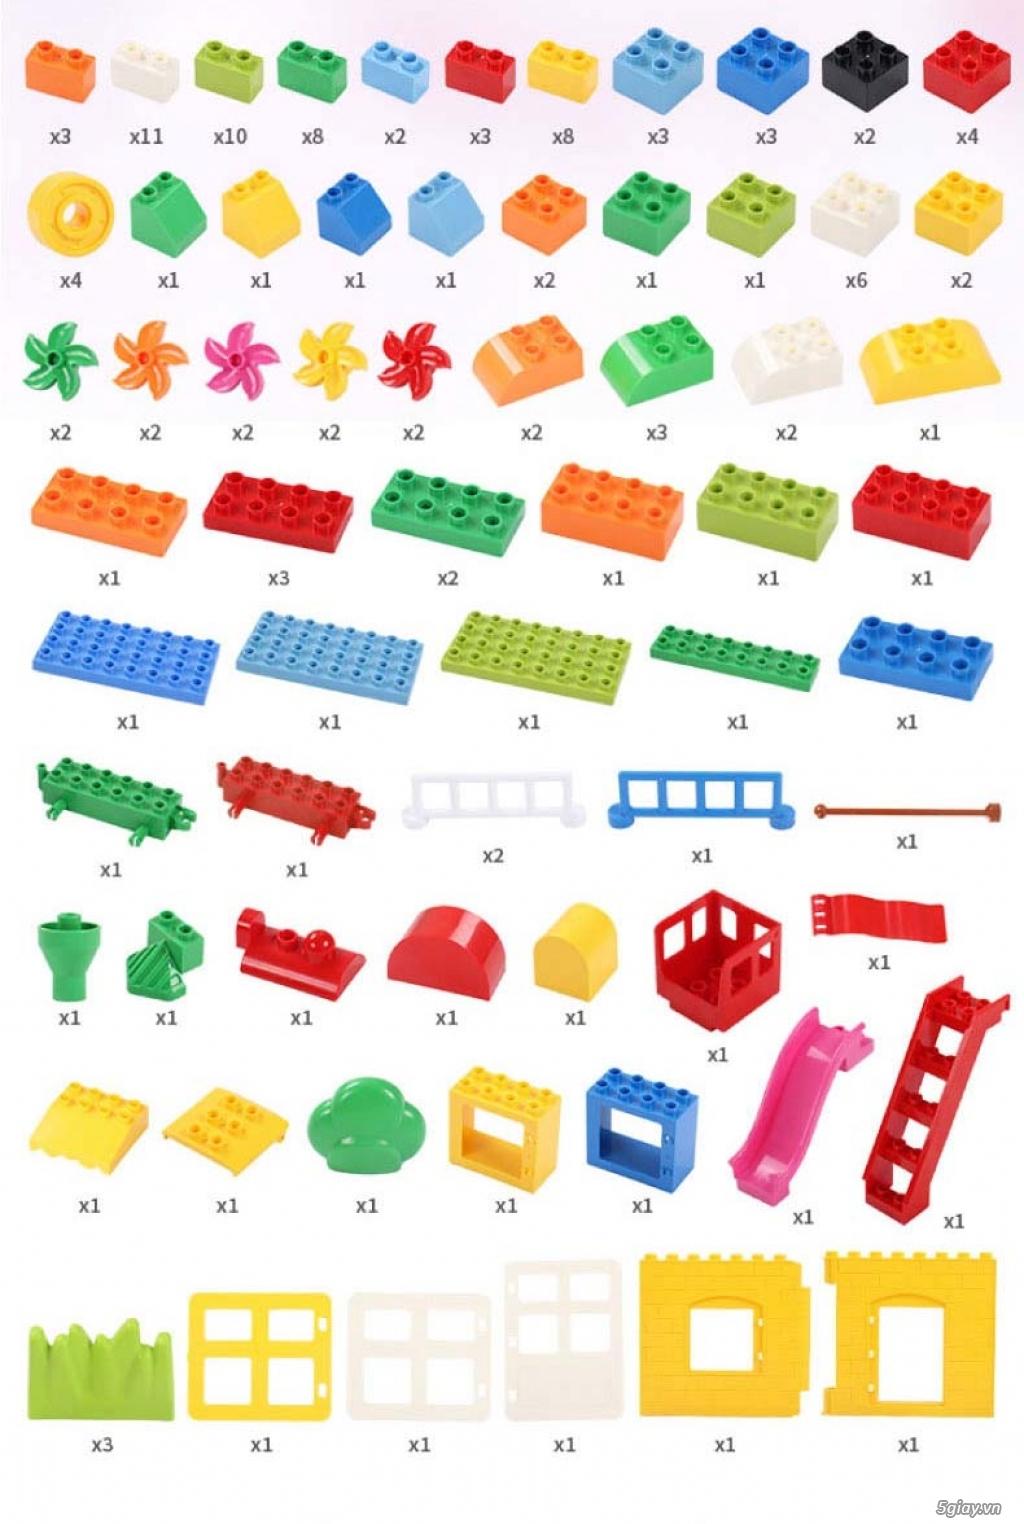 Bộ block Lego lắp ráp nhà 140 chi tiết (size lớn) hàng nhập - 2